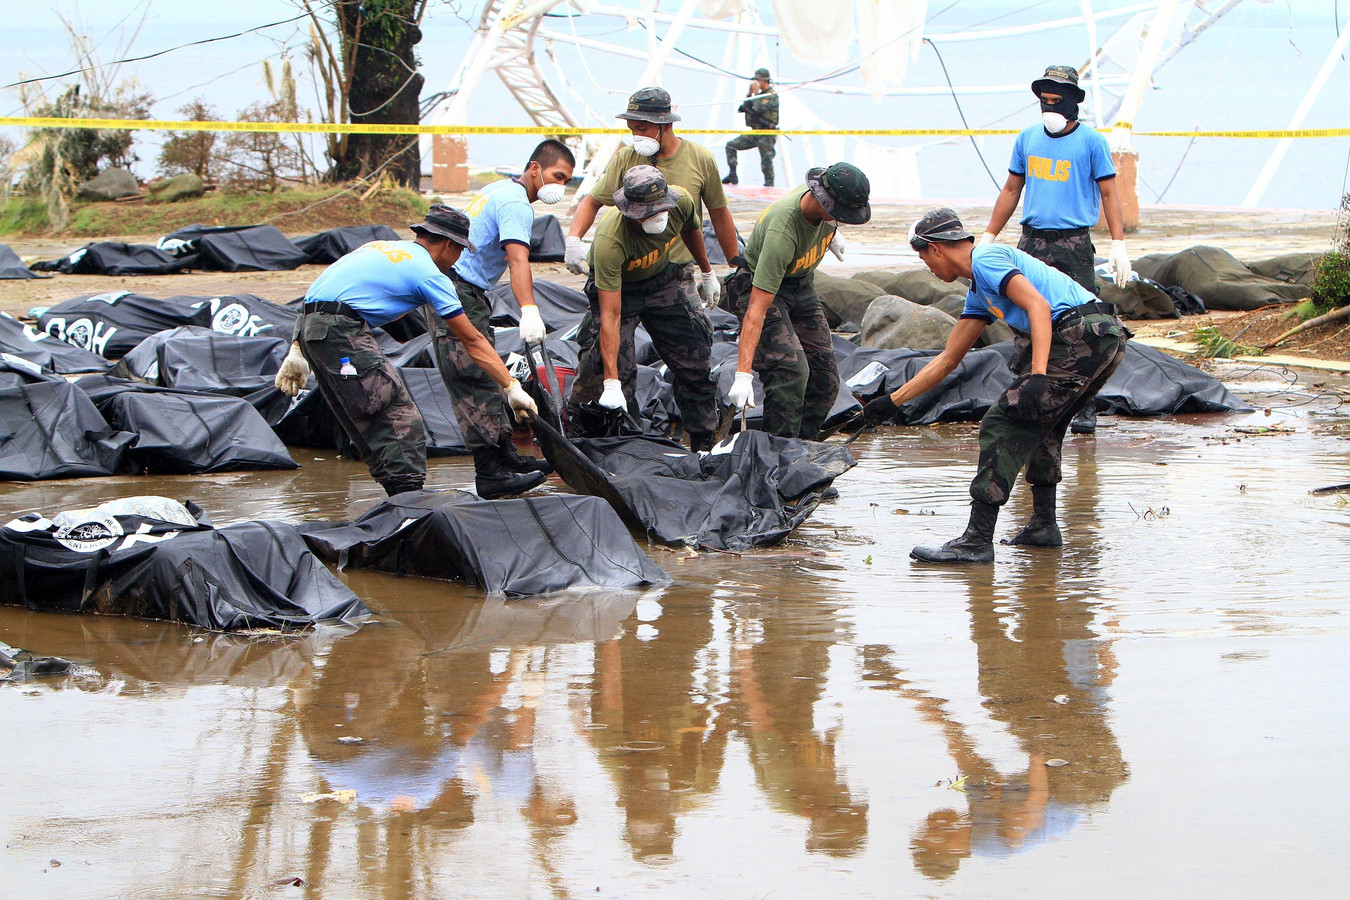 Tyfoon Haiyan kostte vorig jaar het leven aan 1.774 Filipijnen.